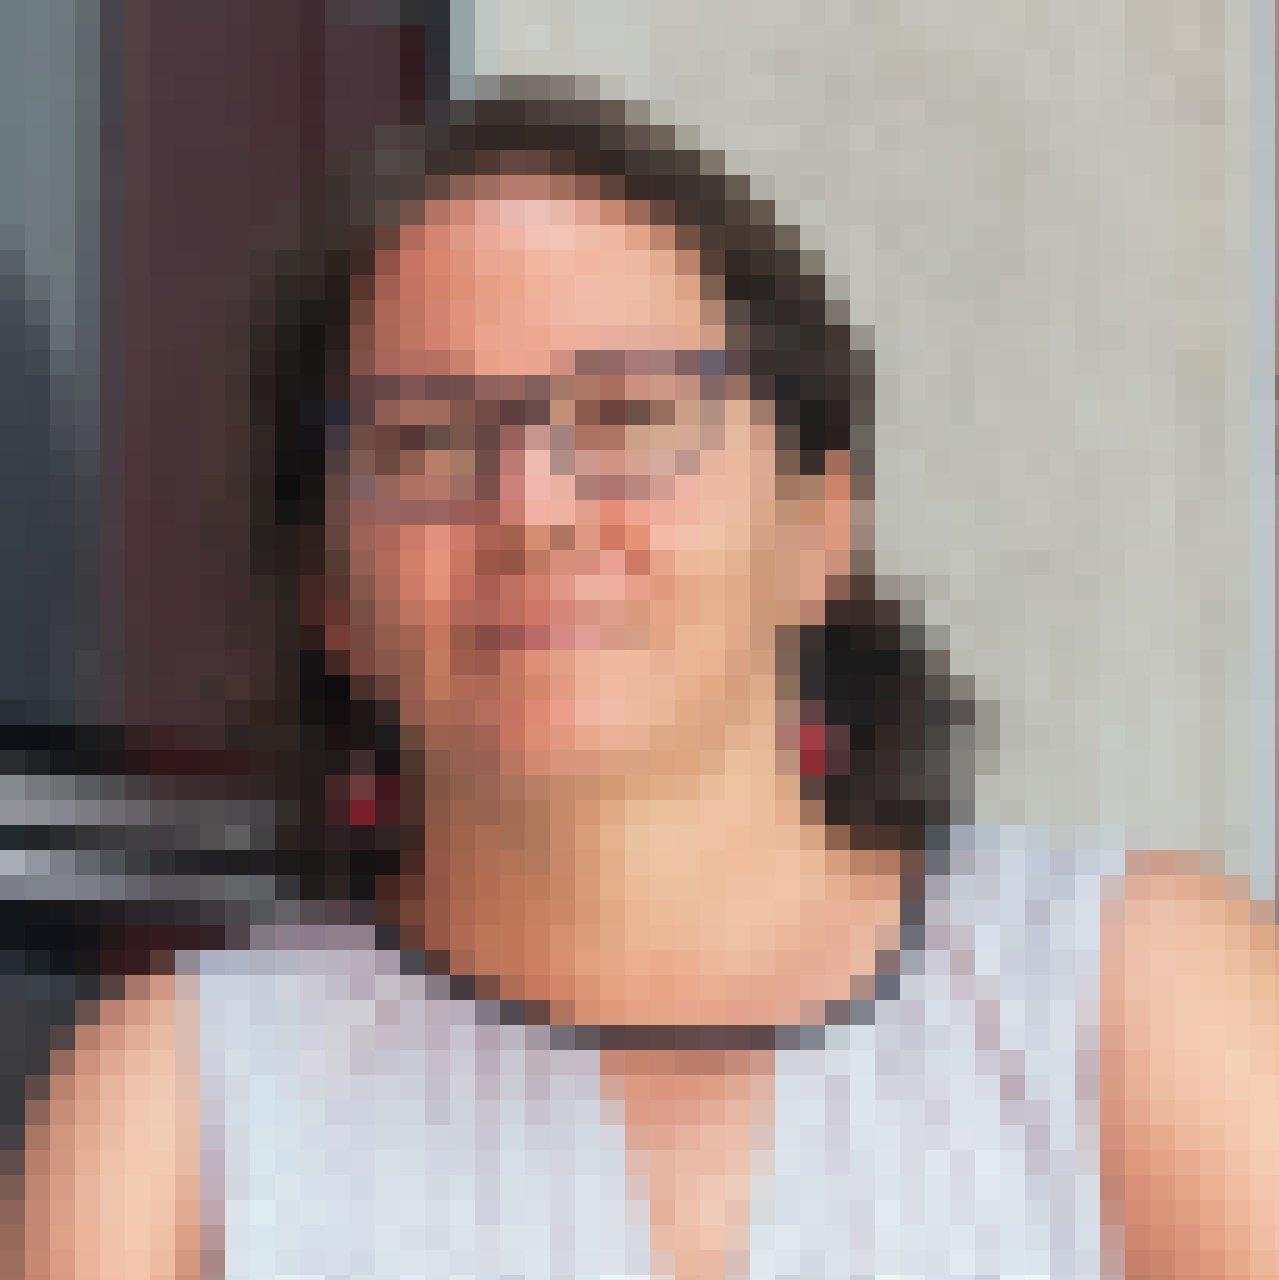 Gesicht einer Frau, halblange braune Haare, Brille, hellhäutig, ca. 45Jahre.